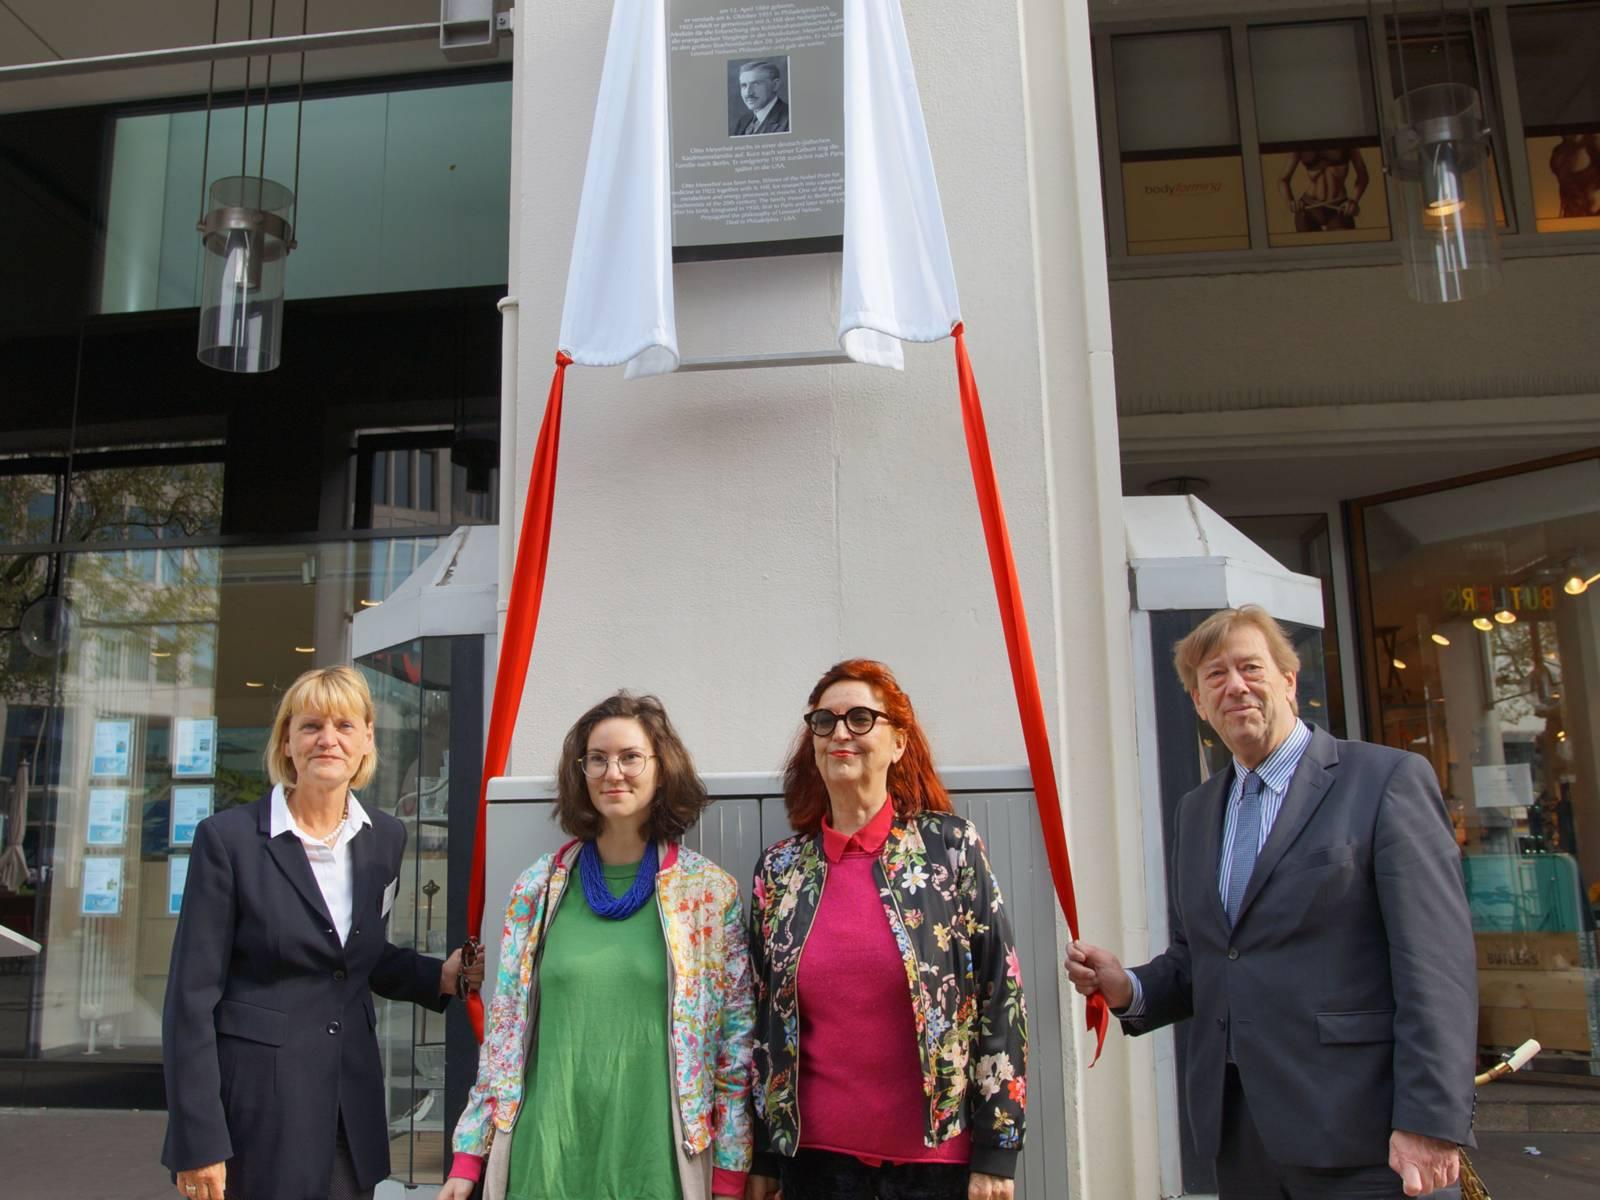 Drei Frauen und ein Mann stehen vor einer gerade enthüllten Stadttafel.